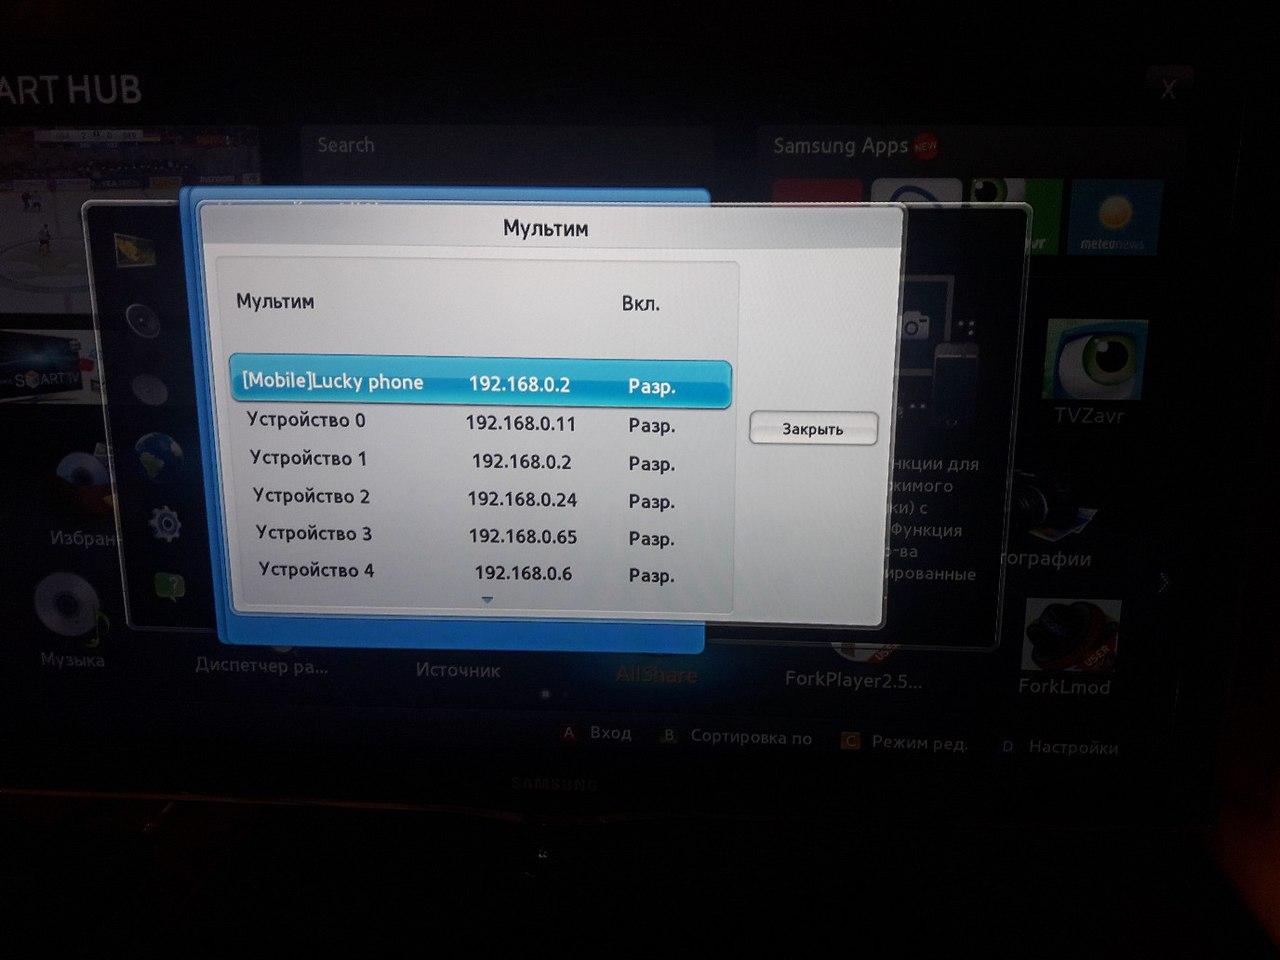 Не работает DLNA на телевизоре Samsung через роутер